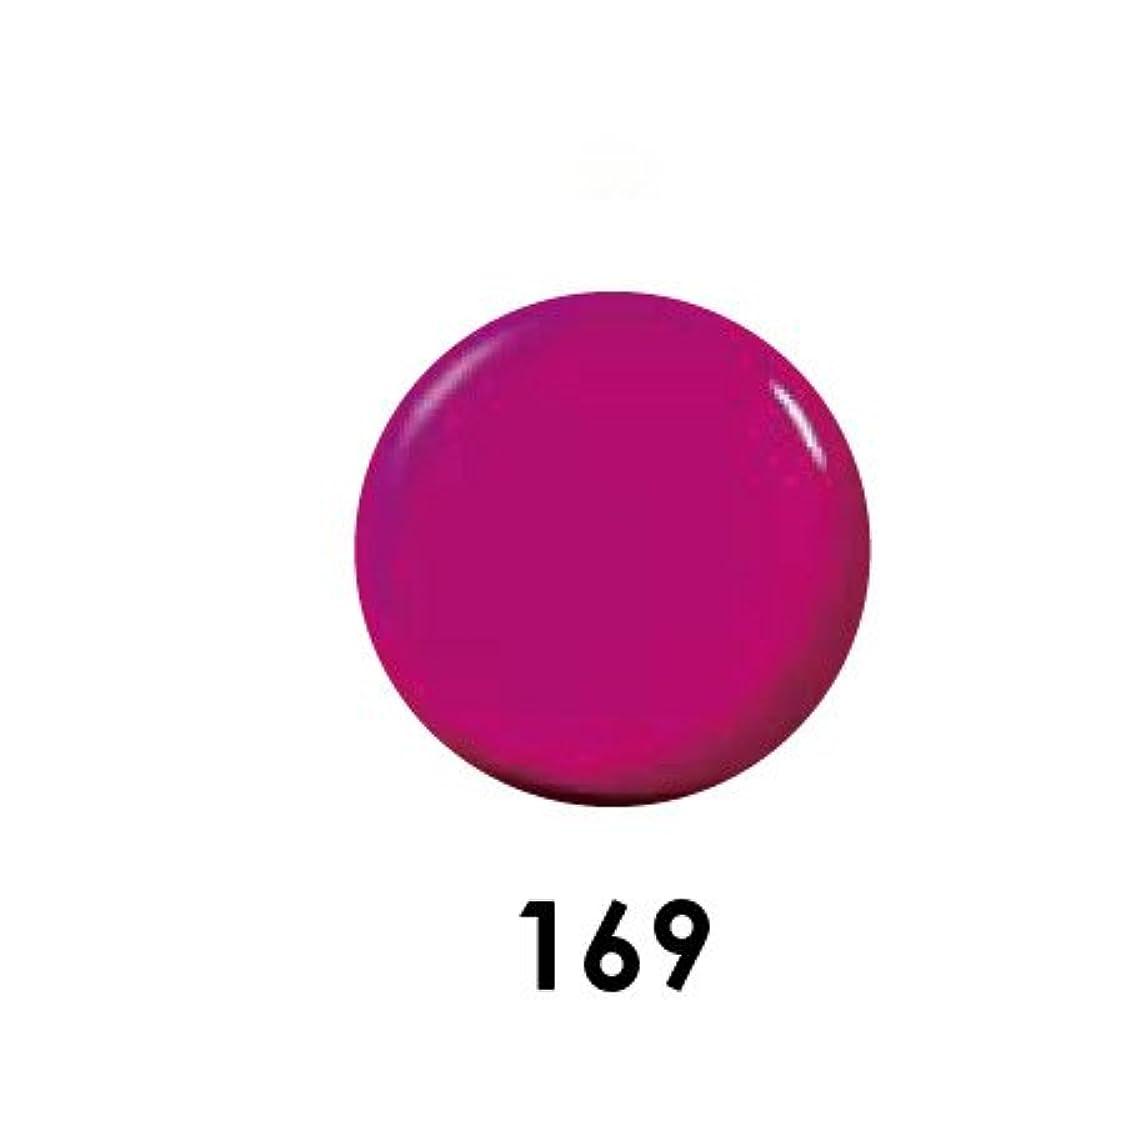 傑出したメディックフェデレーションPutiel プティール カラージェル 169 ラテンピンク 2g (MARIEプロデュース)